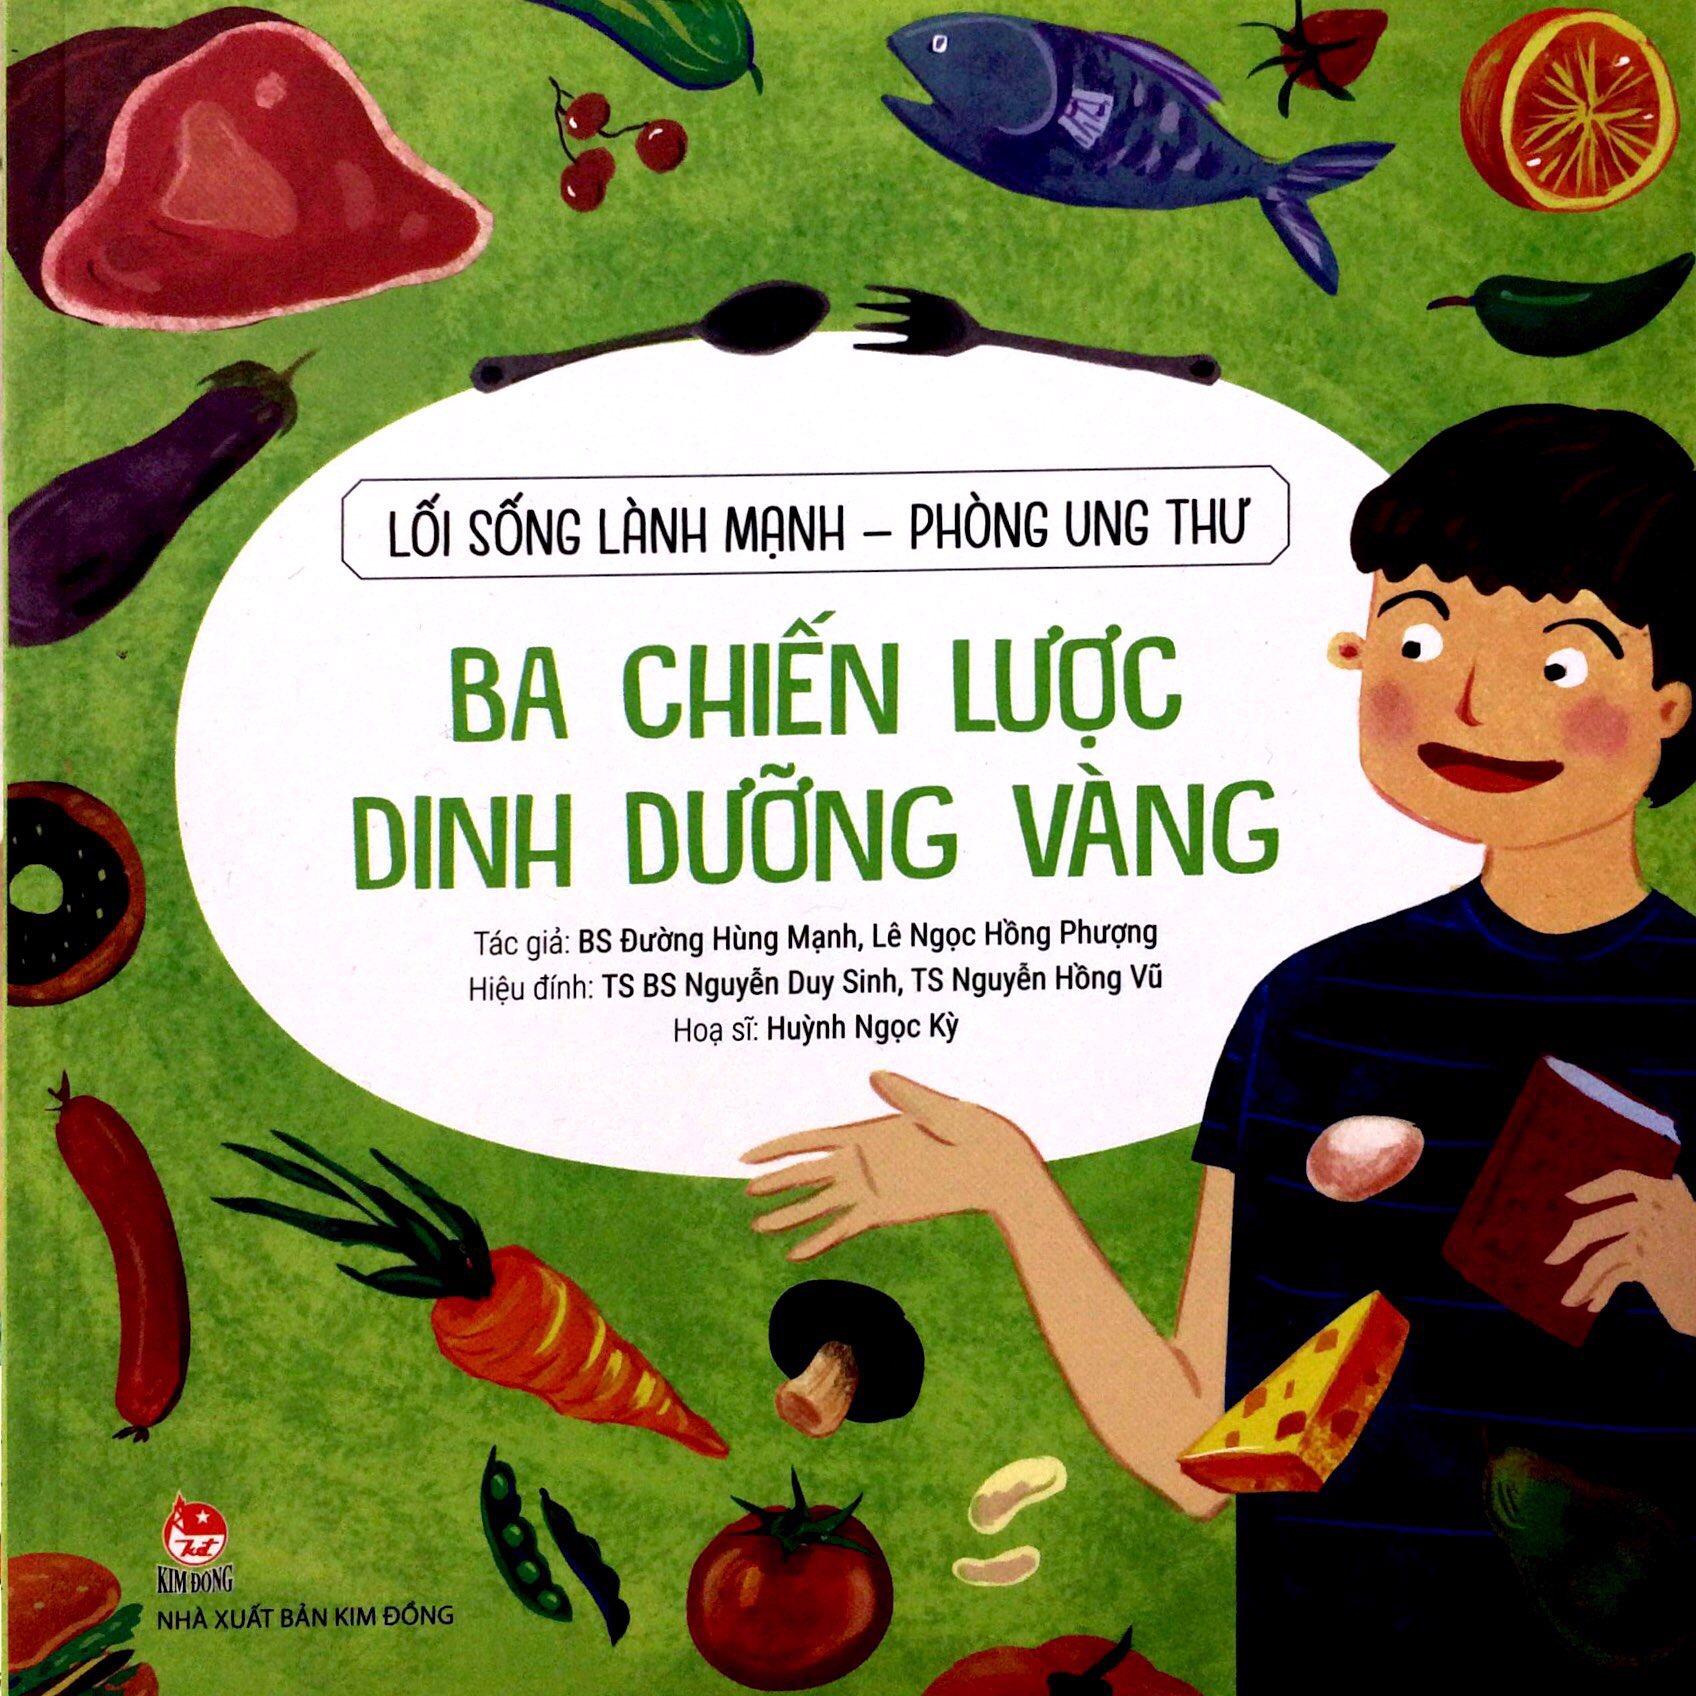 Top 10 Cuốn Sách Hay Về Lối Sống, Chế Độ Ăn Uống Lành Mạnh 9